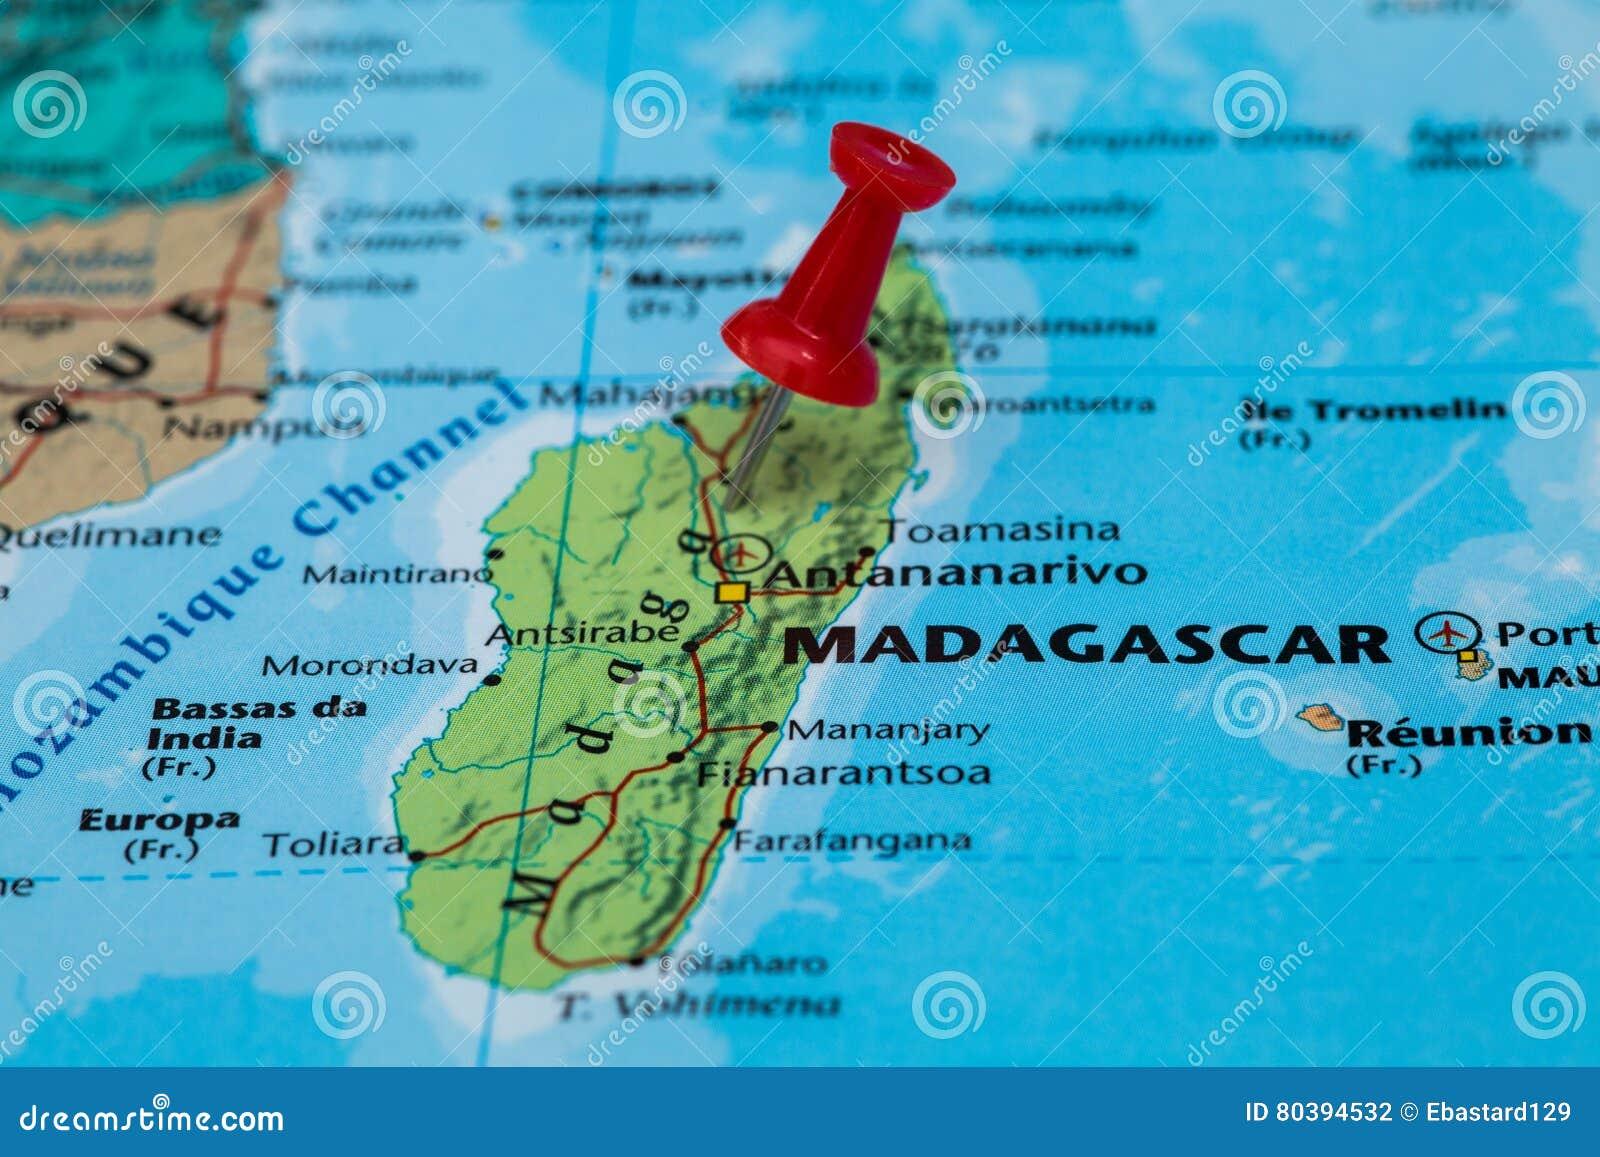 Madagaskar Karte.Karte Von Madagaskar Mit Einem Roten Druckbolzen Fest